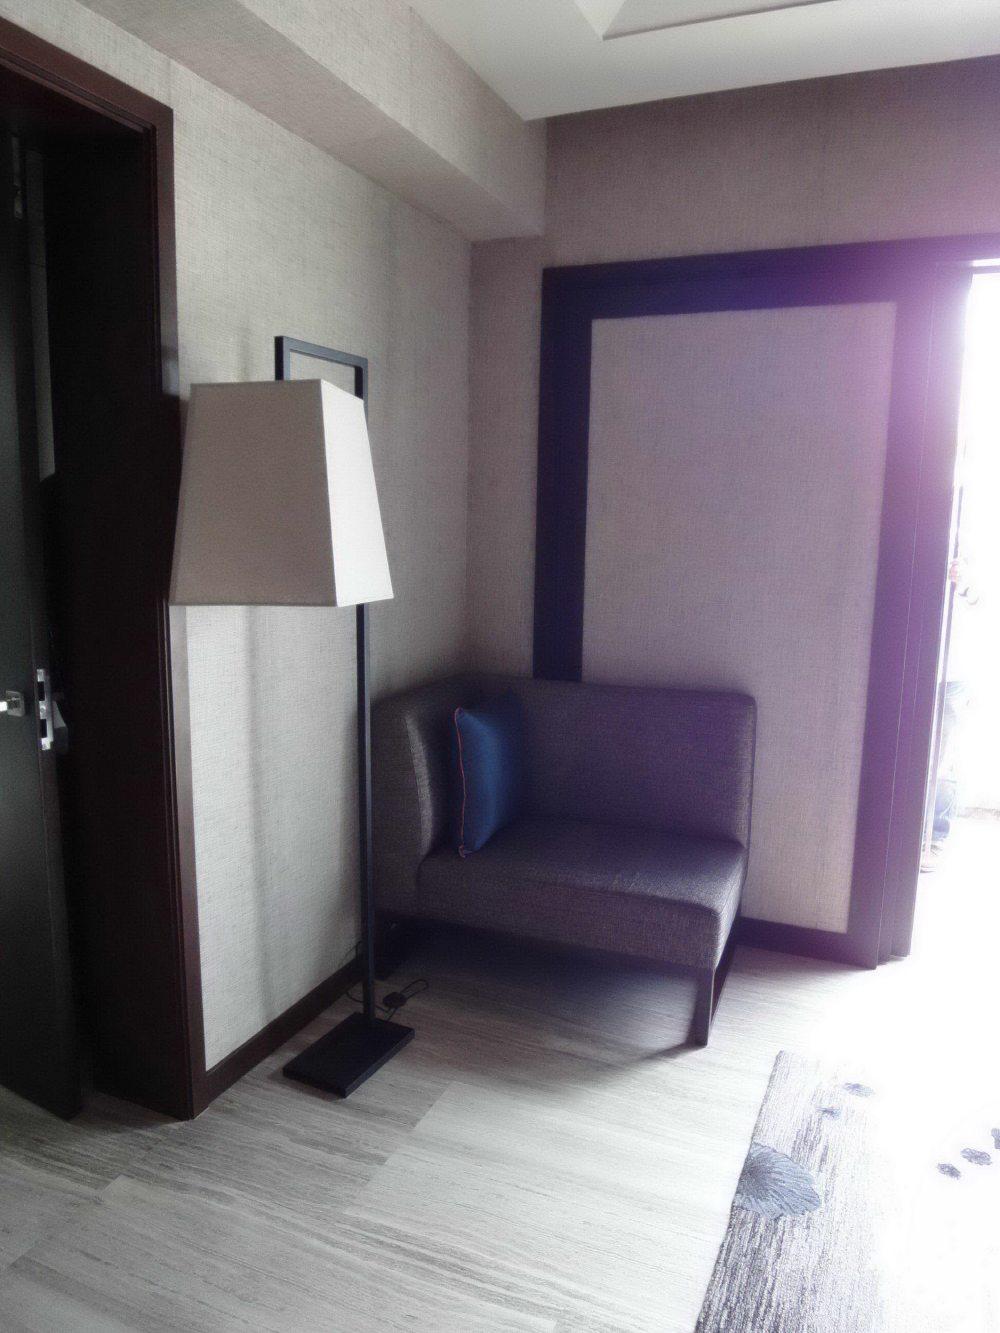 云南丽江铂尔曼渡假酒店(Lijiang Pullman Hotel)(CCD)(第8页更新)_DSC05180.jpg